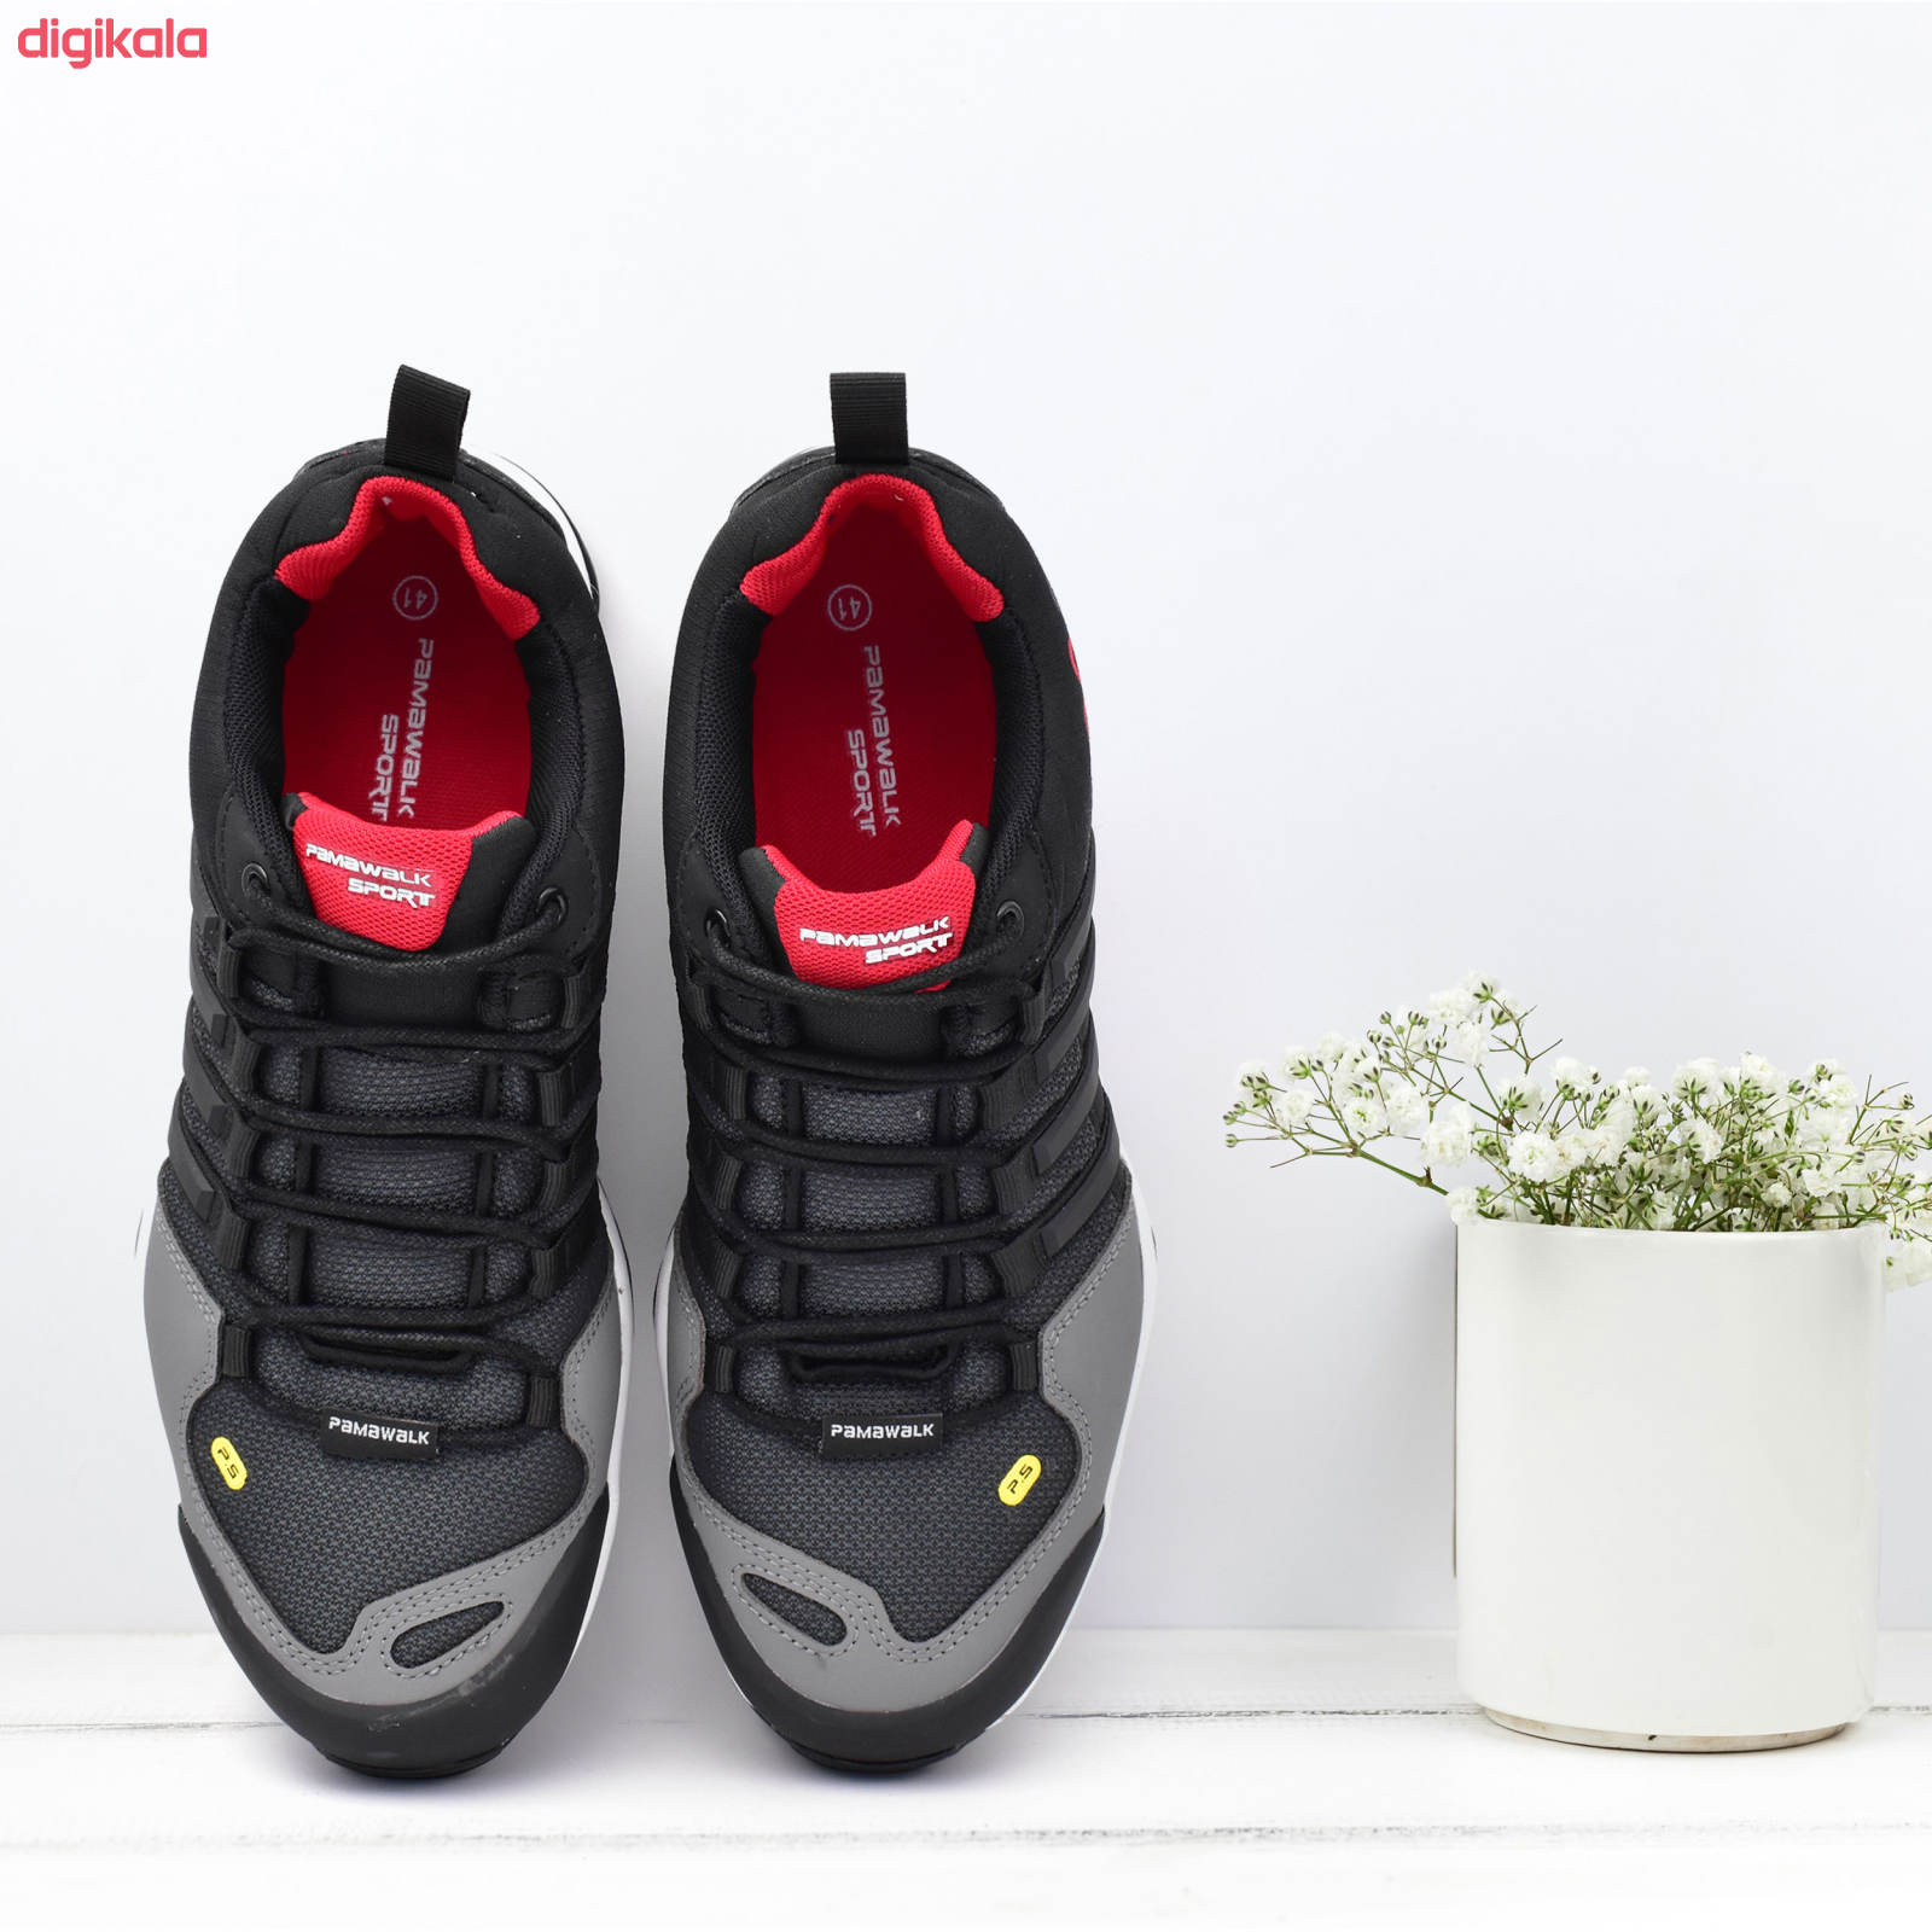 کفش پیاده روی مردانه پاما مدل TT کد 1080-2 main 1 8